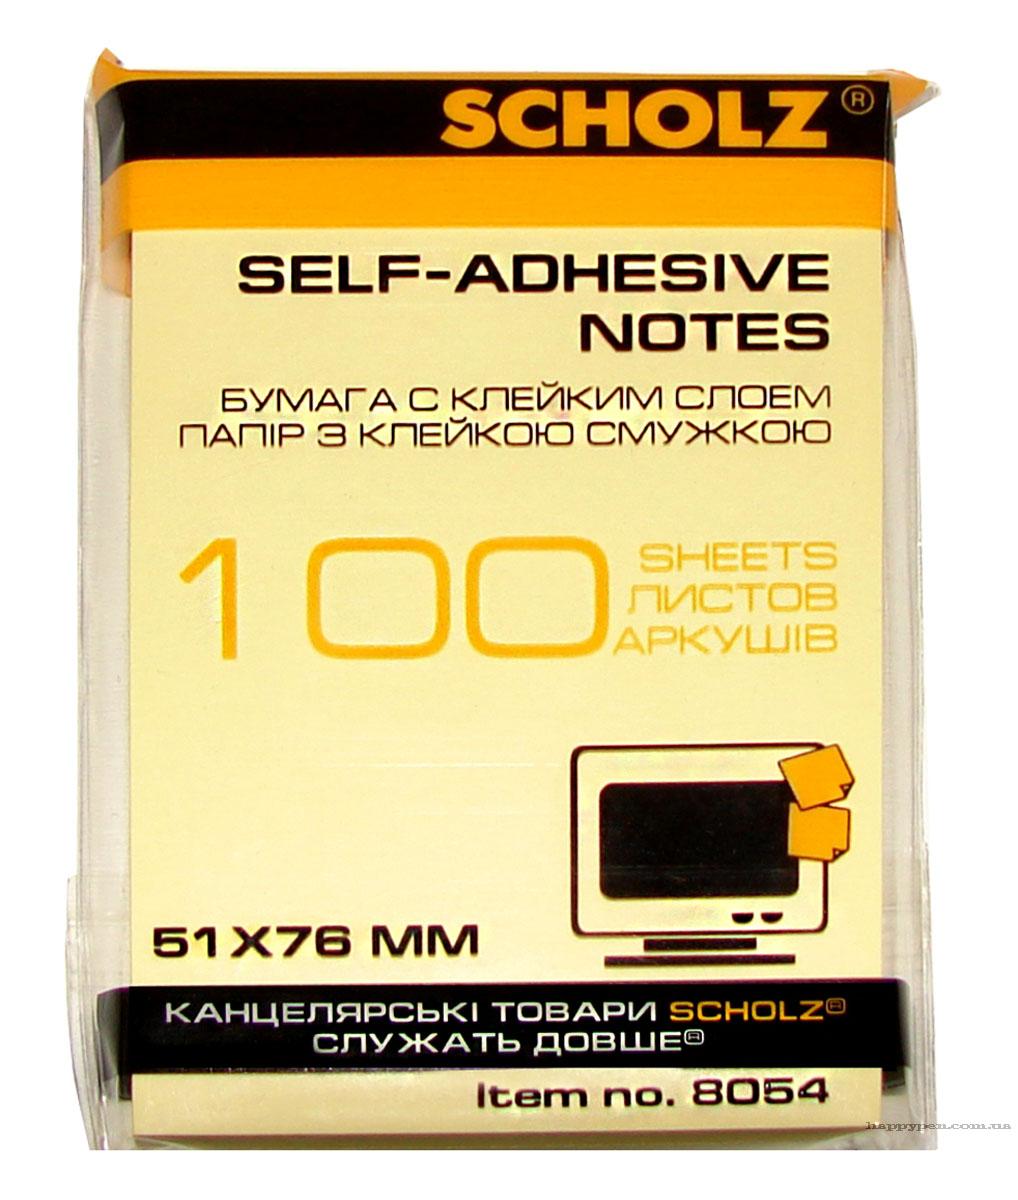 Блок бумаги с клейким слоем 51*76мм.*100 листов, желт. Scholz - фото 1